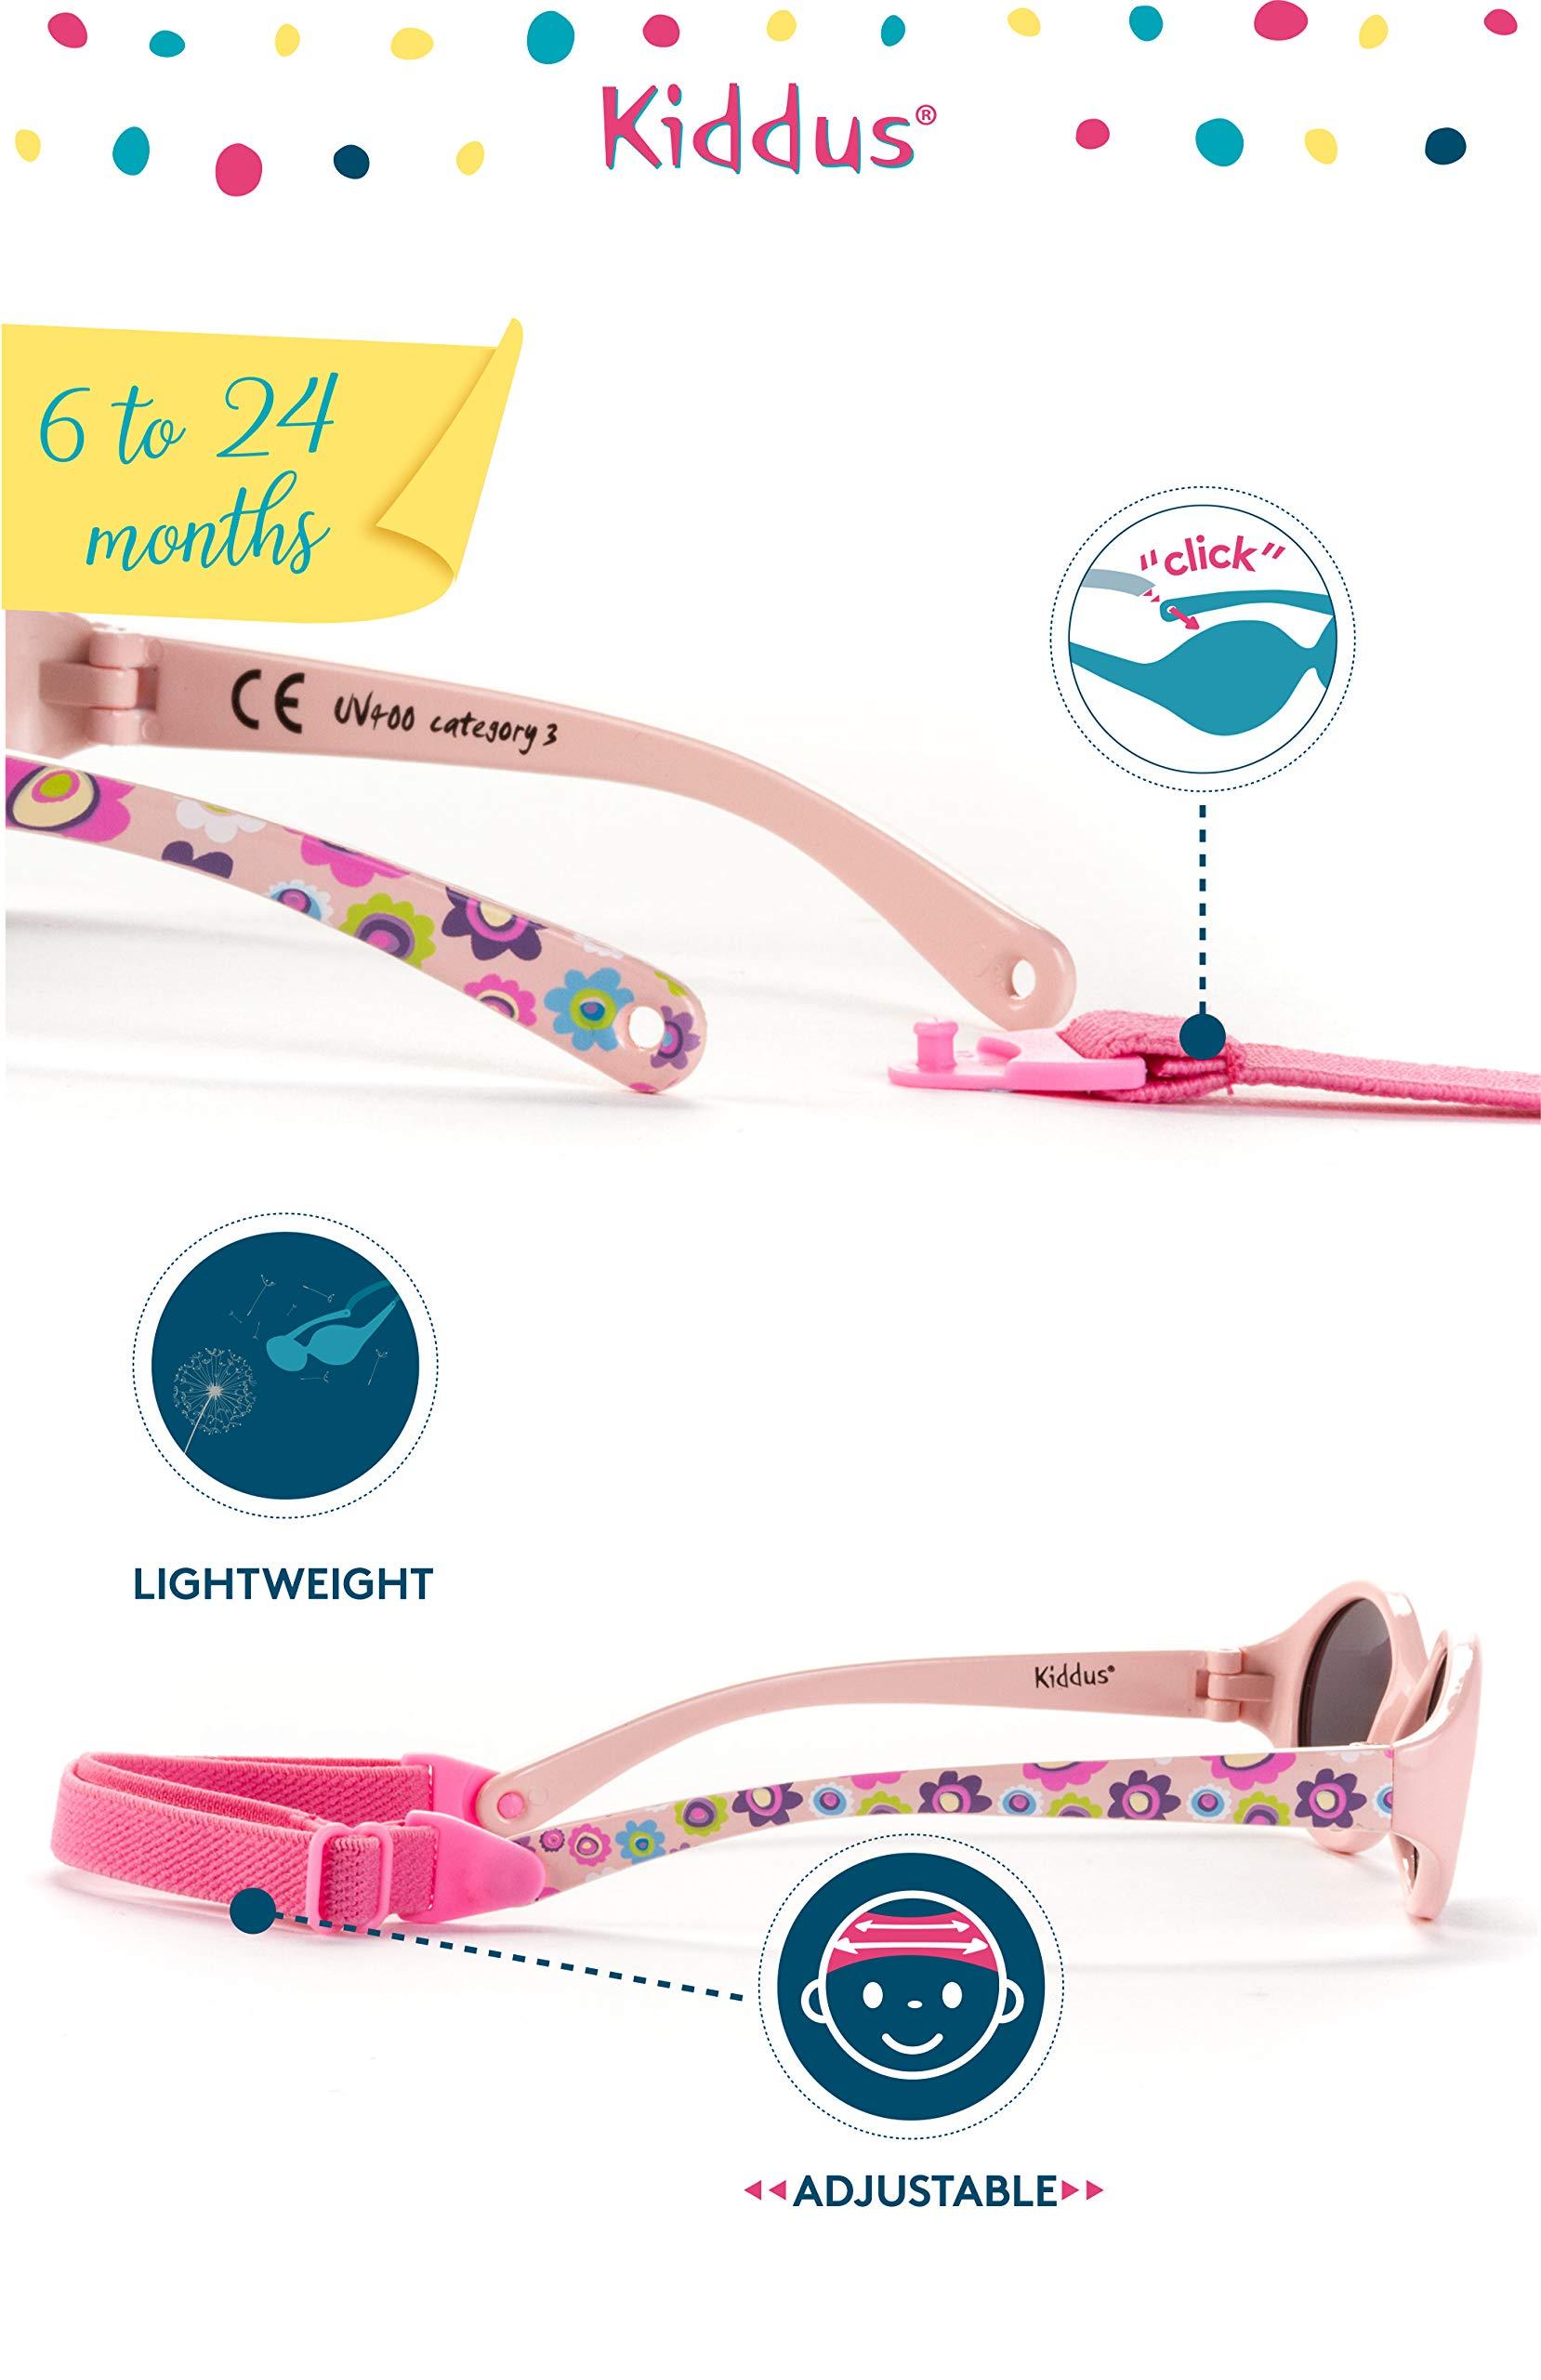 Kiddus Gafas de sol para bebe, niños y niñas. SUPER FLEXIBLES. A partir de 6 meses. UV400 100% protección rayos UVA y… 3